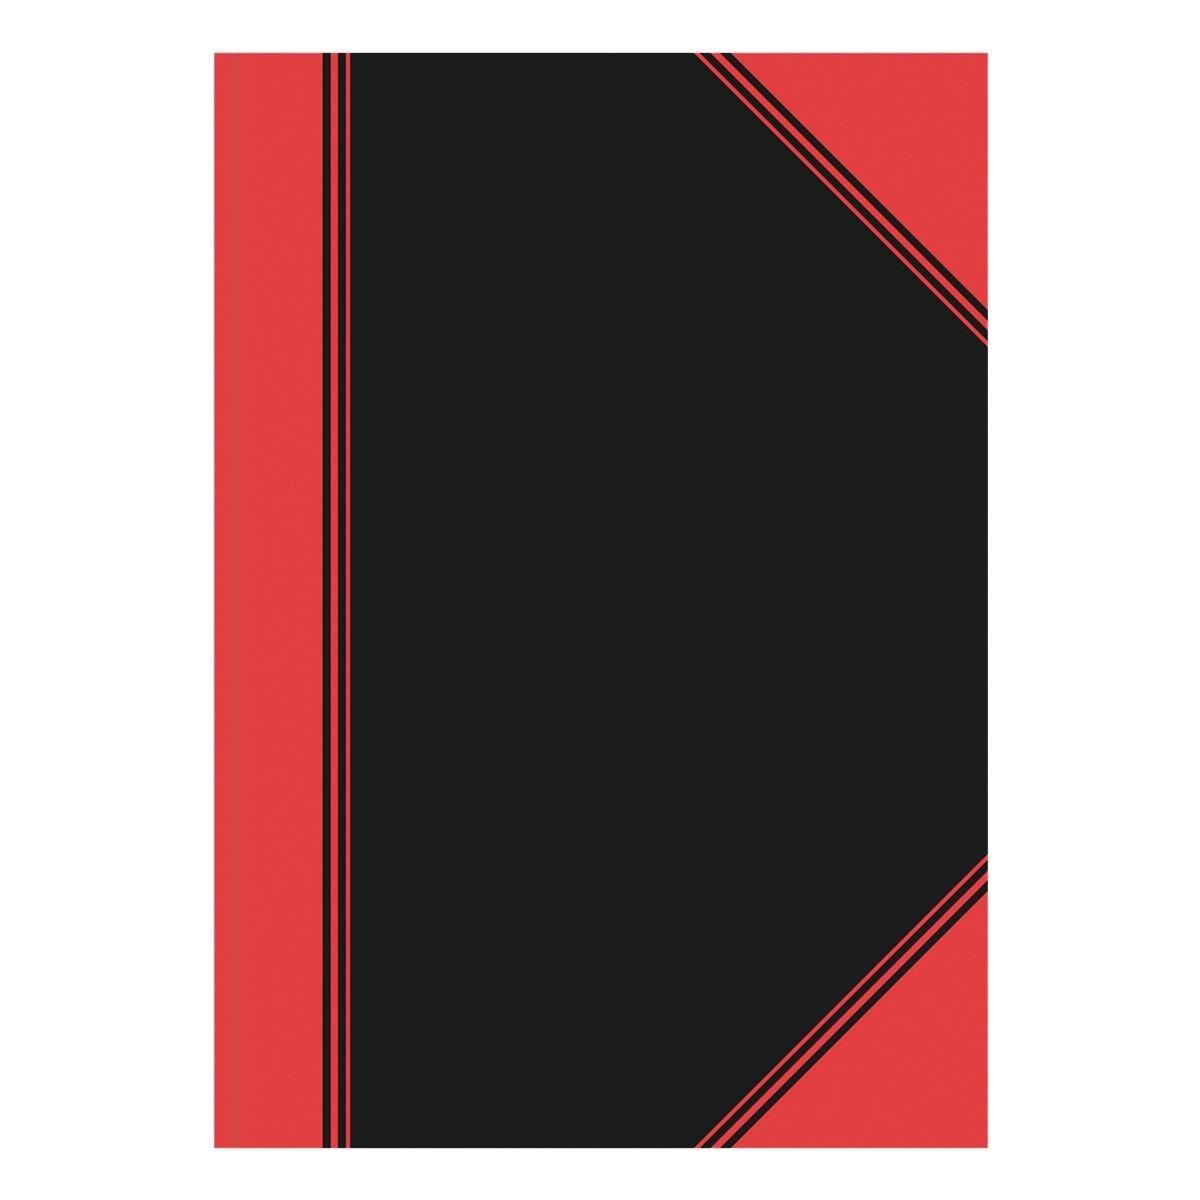 Notizbuch 100302815 A4 kariert »Chinakladde«